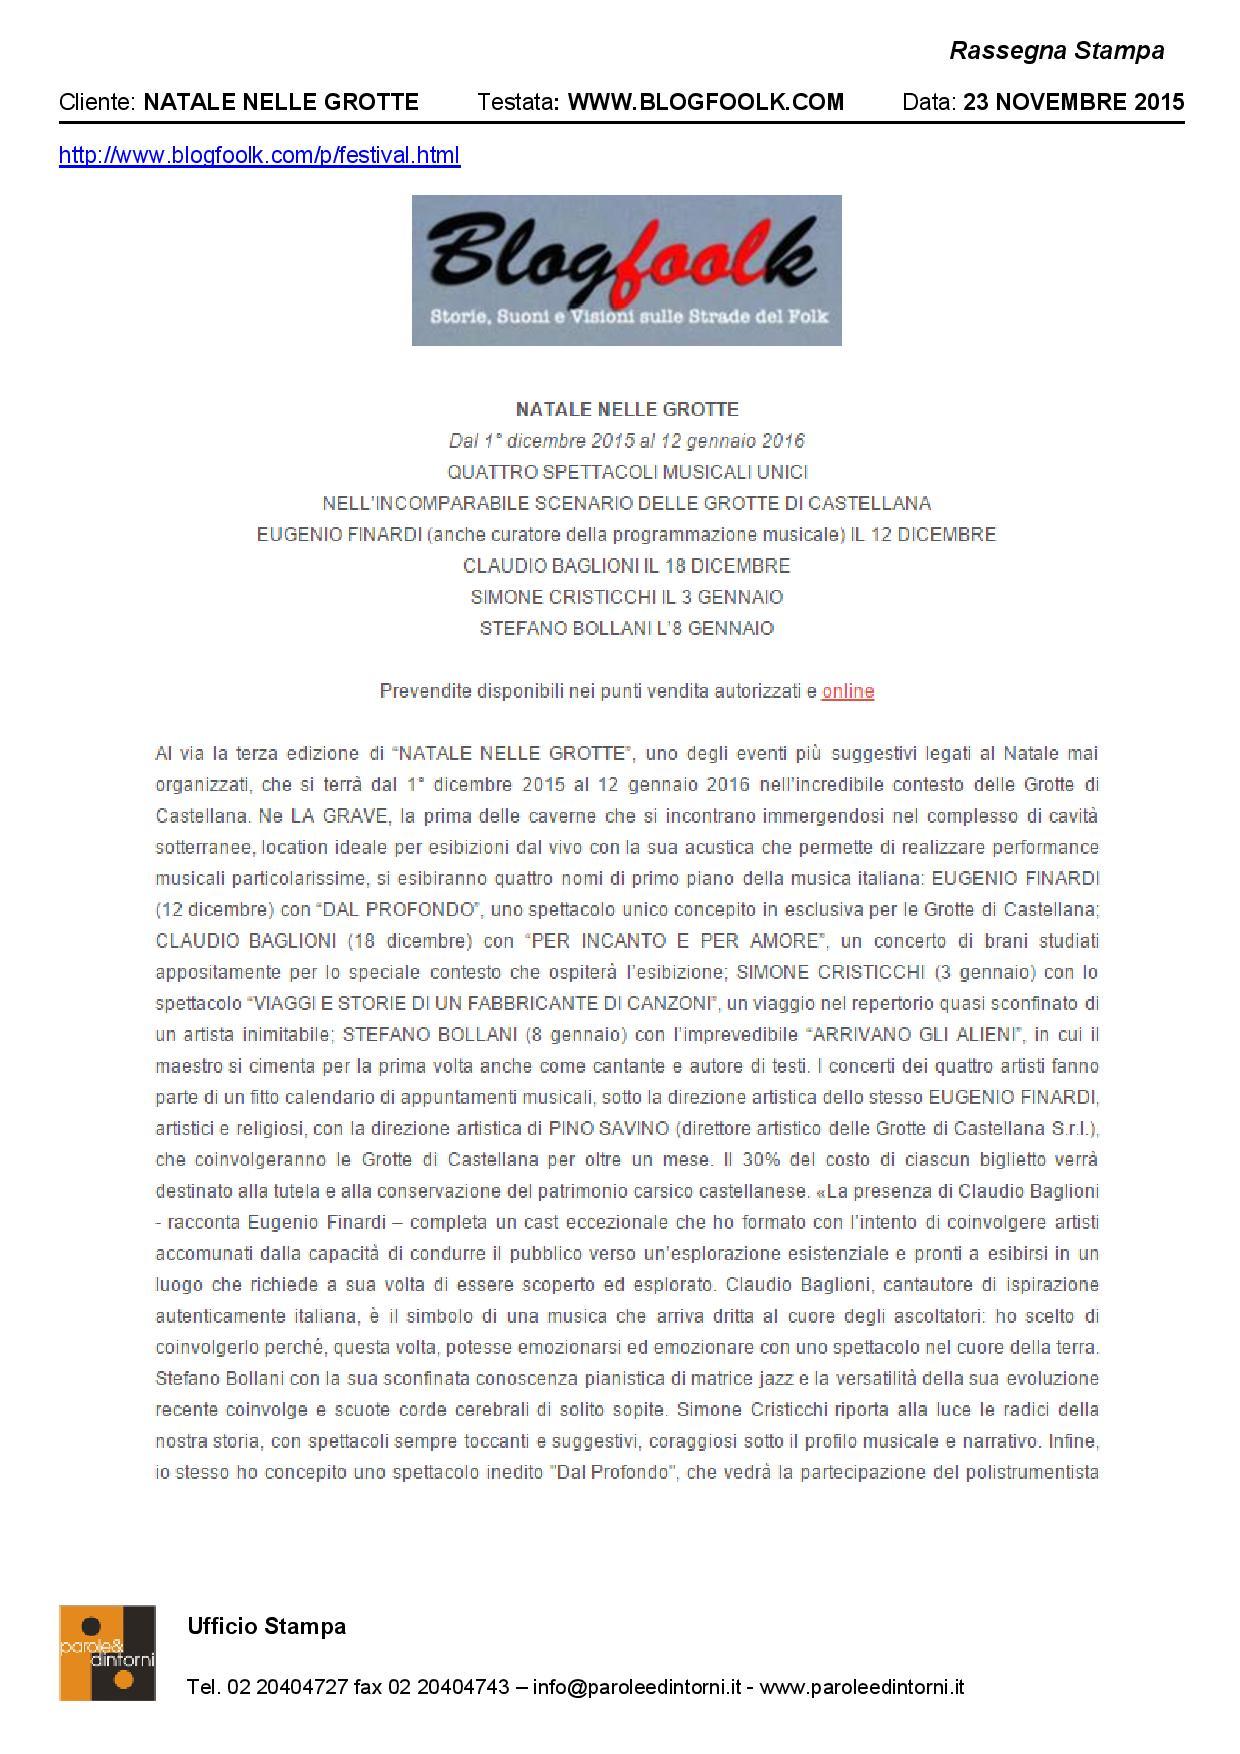 20151123_www.blogfoolk.com_Natale nelle Grotte-page-001